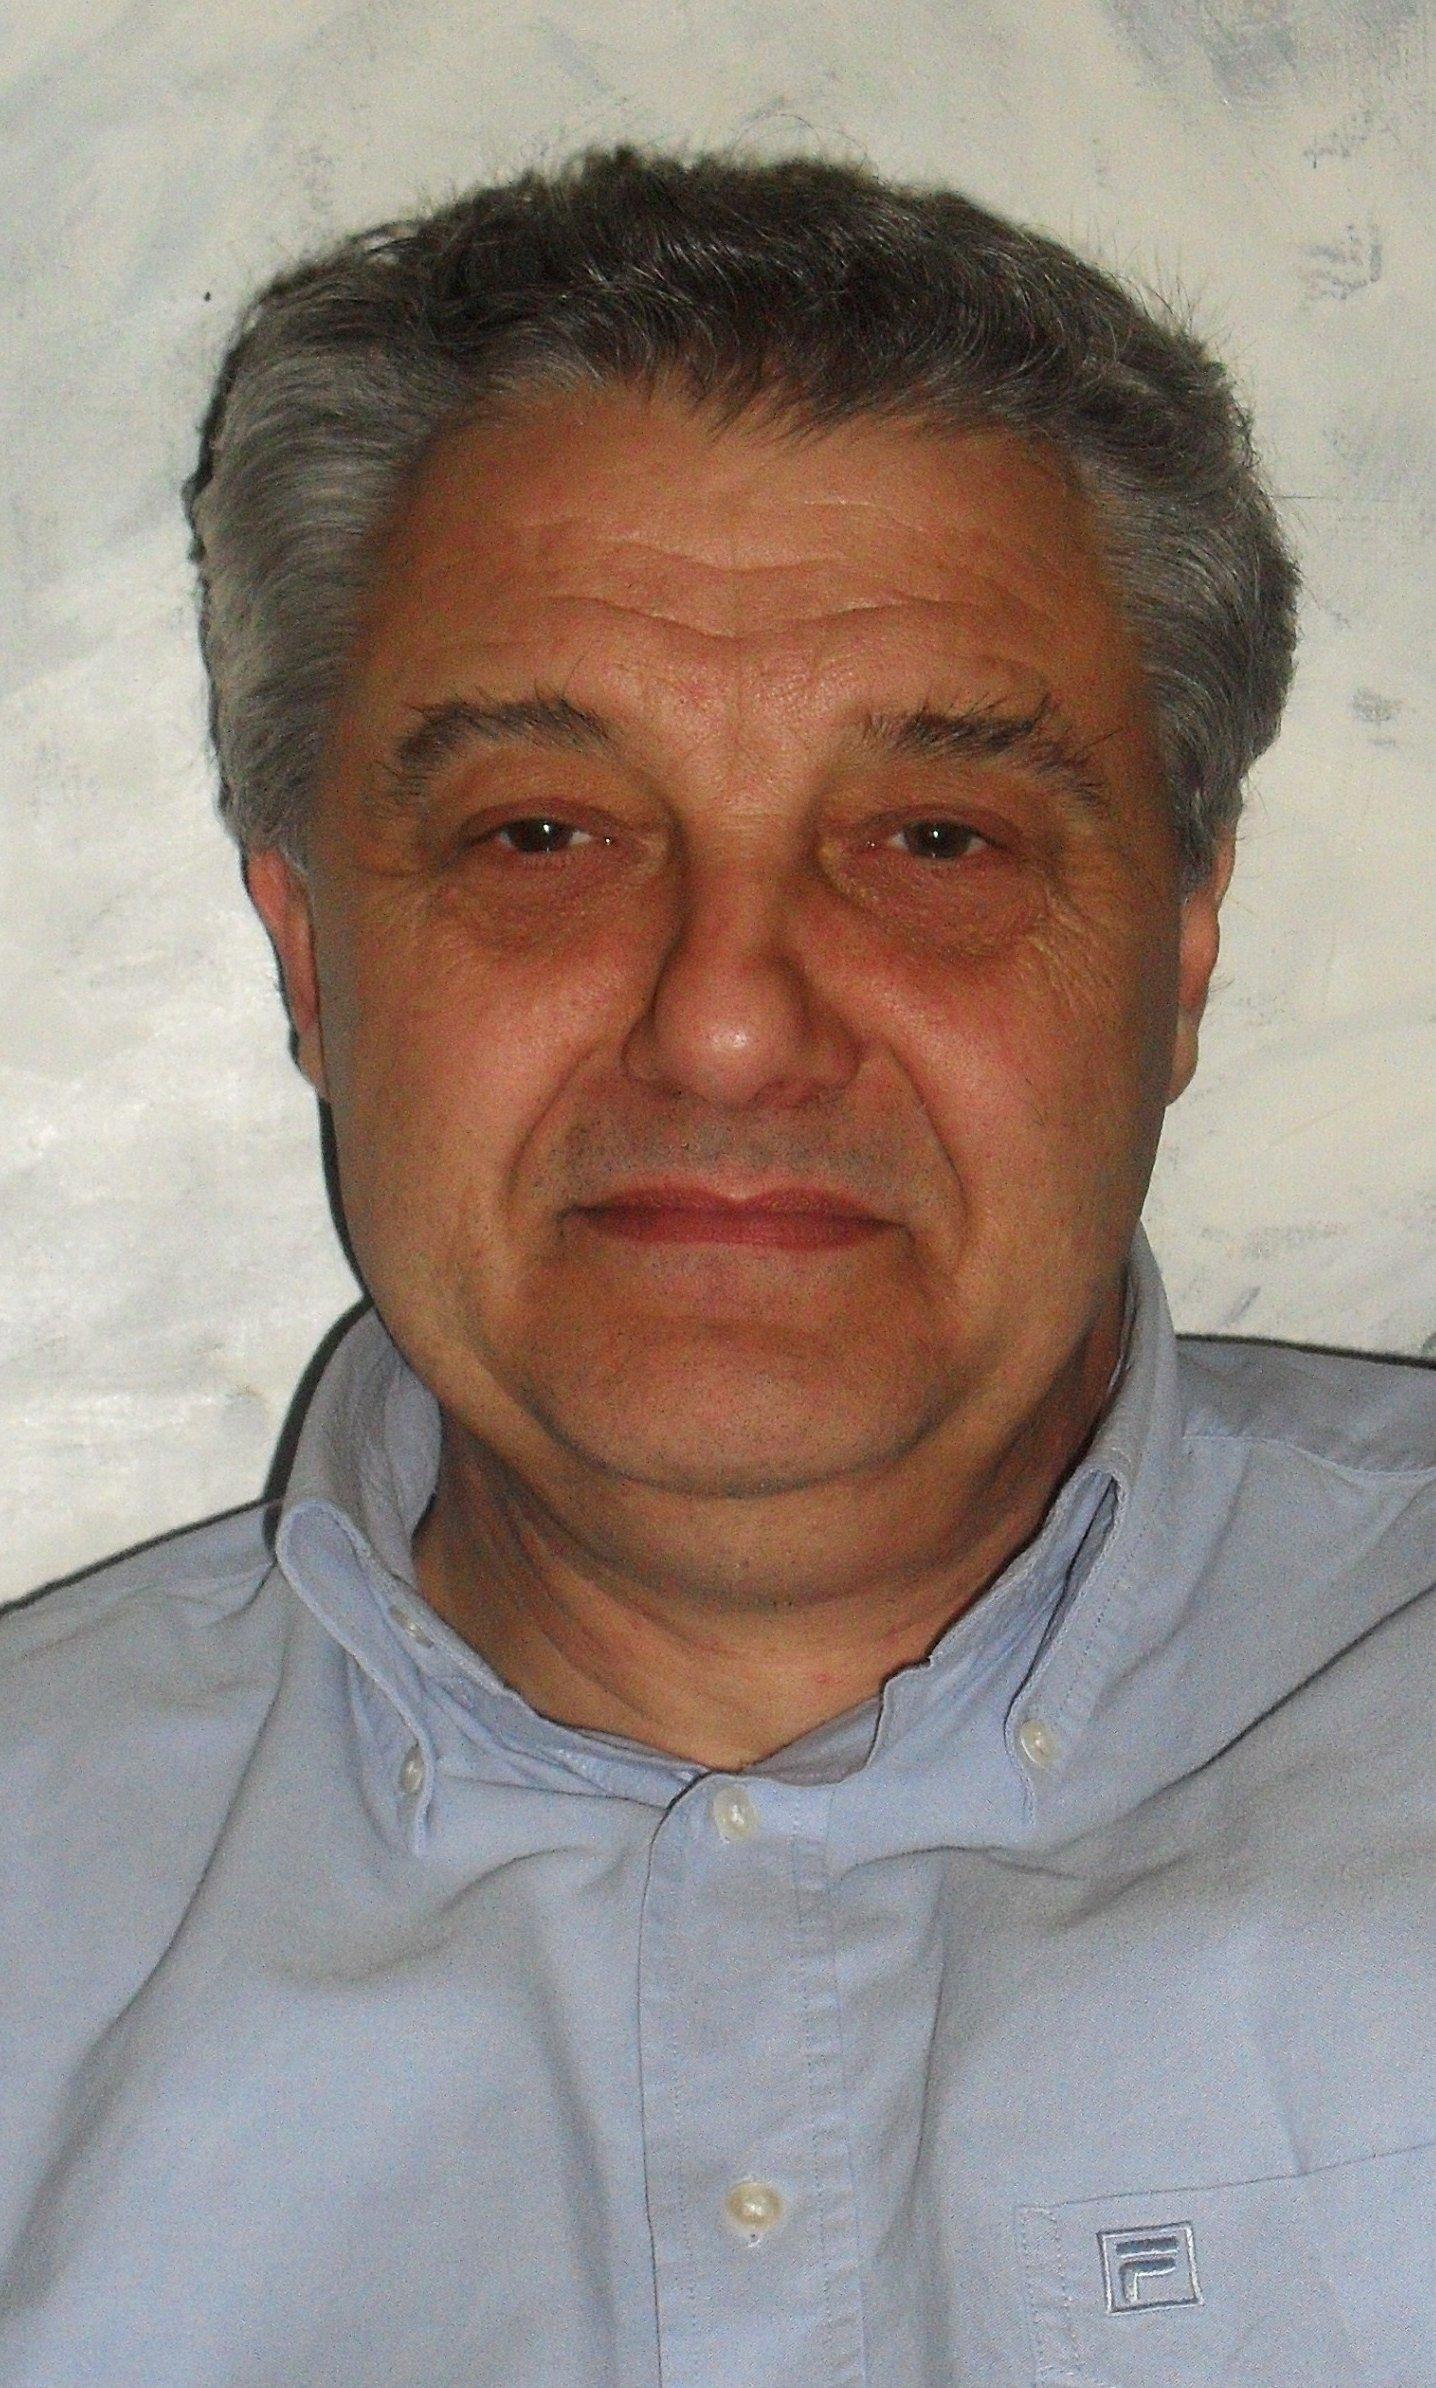 Castiglion Fiorentino: di chi sono le responsabilità?